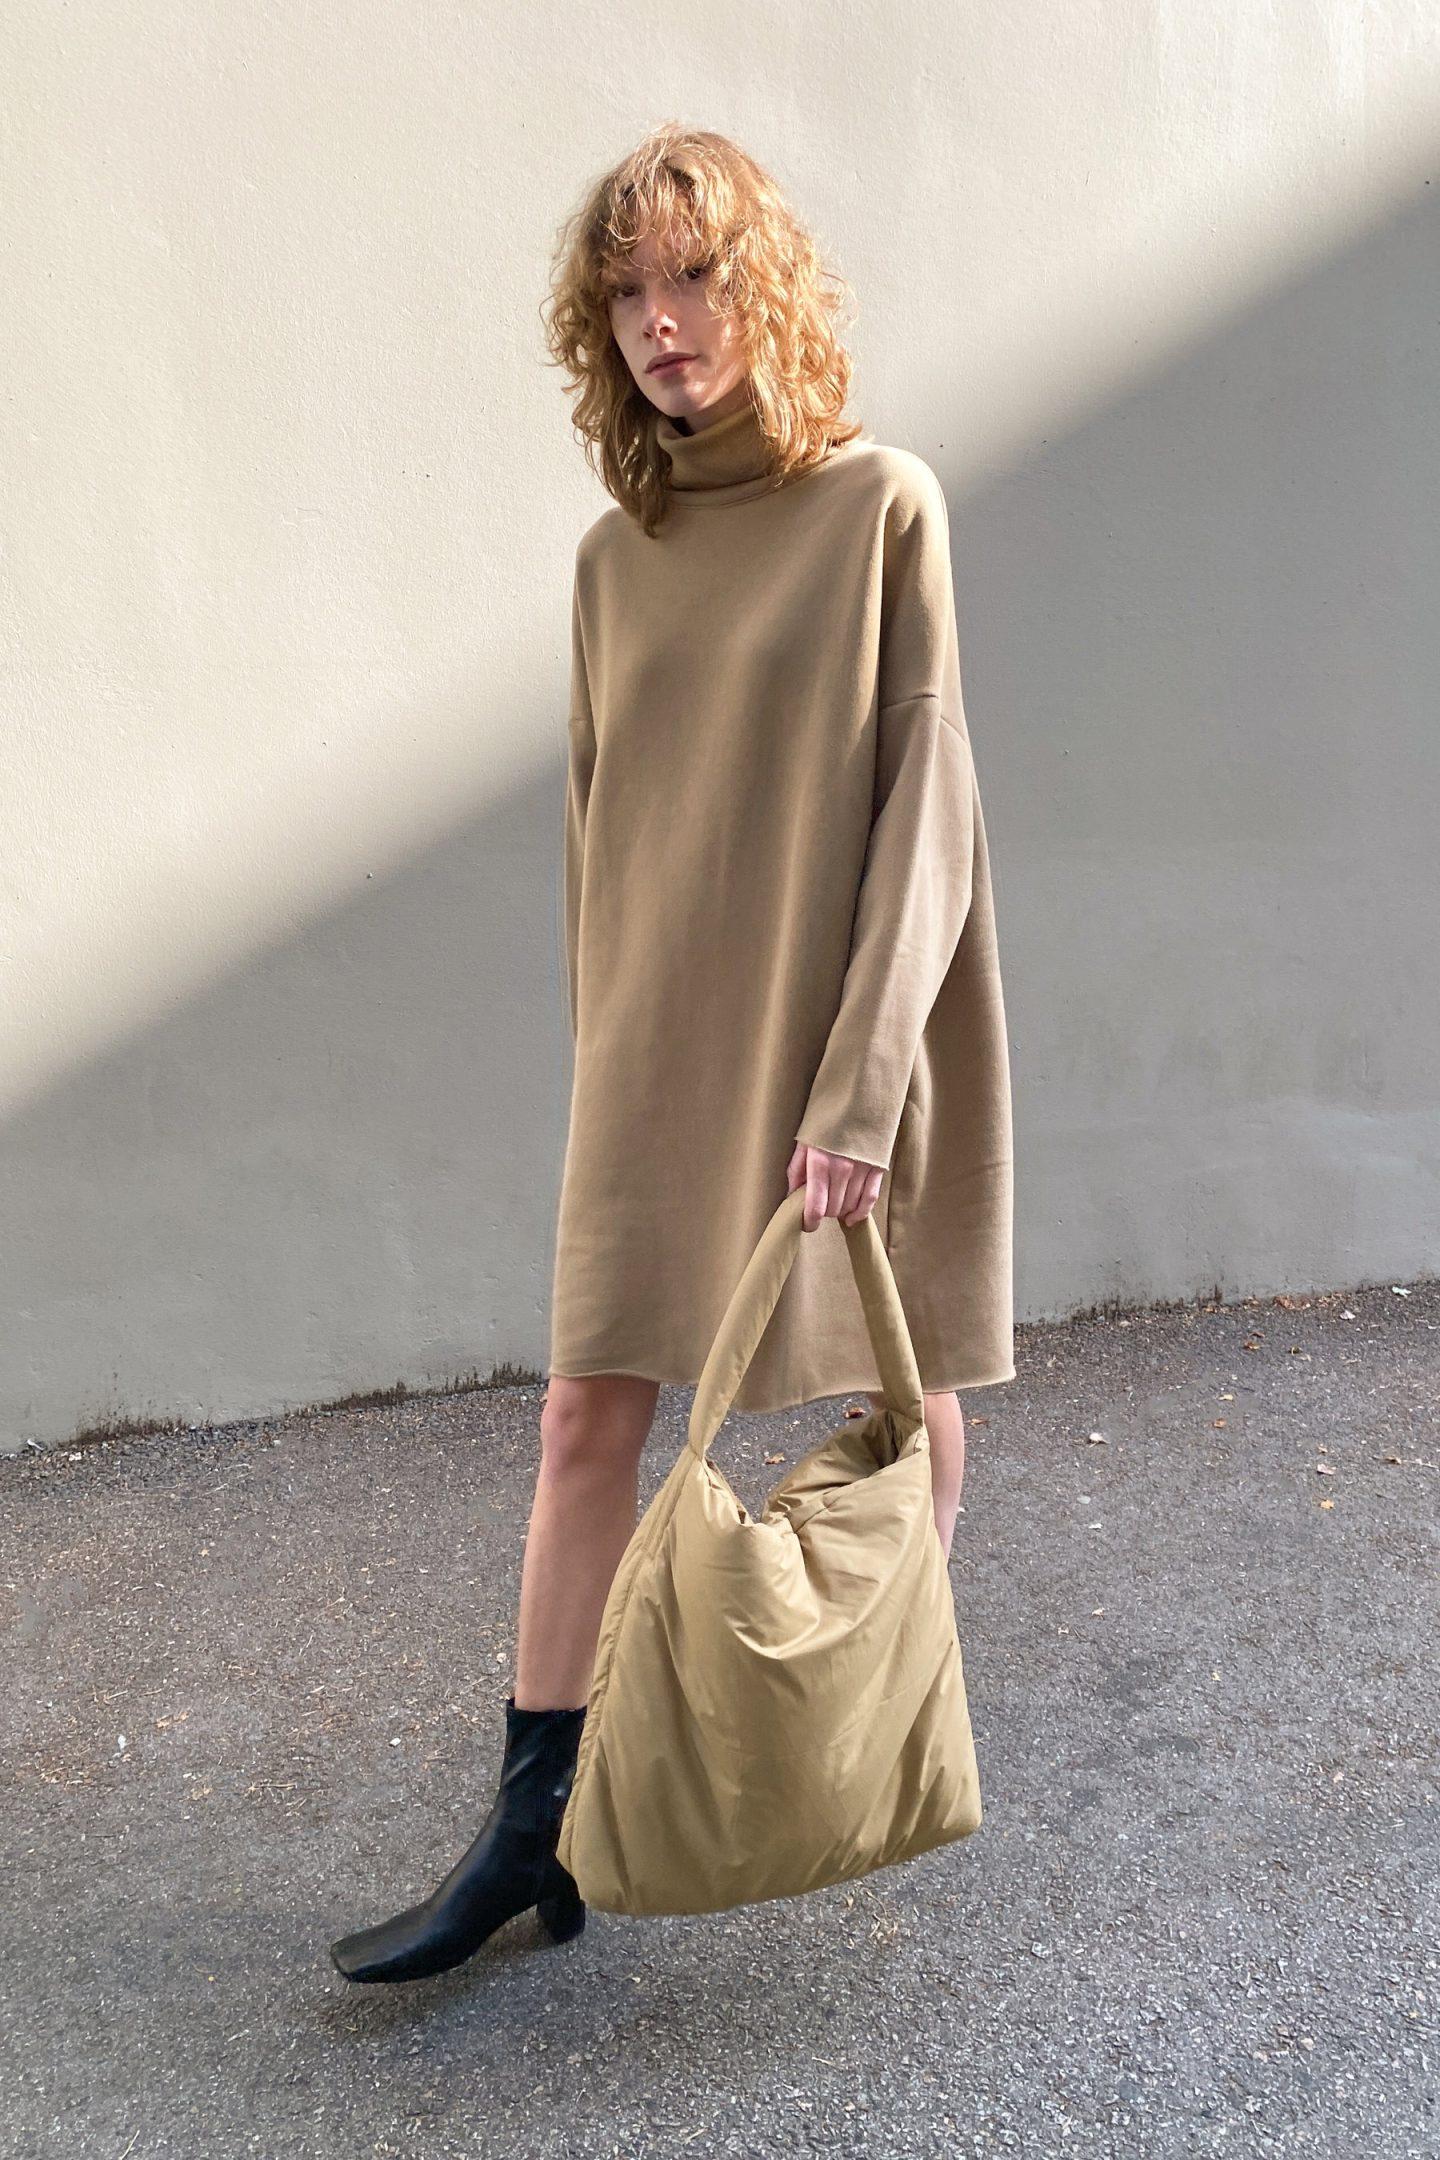 Beige turtleneck sweater dress